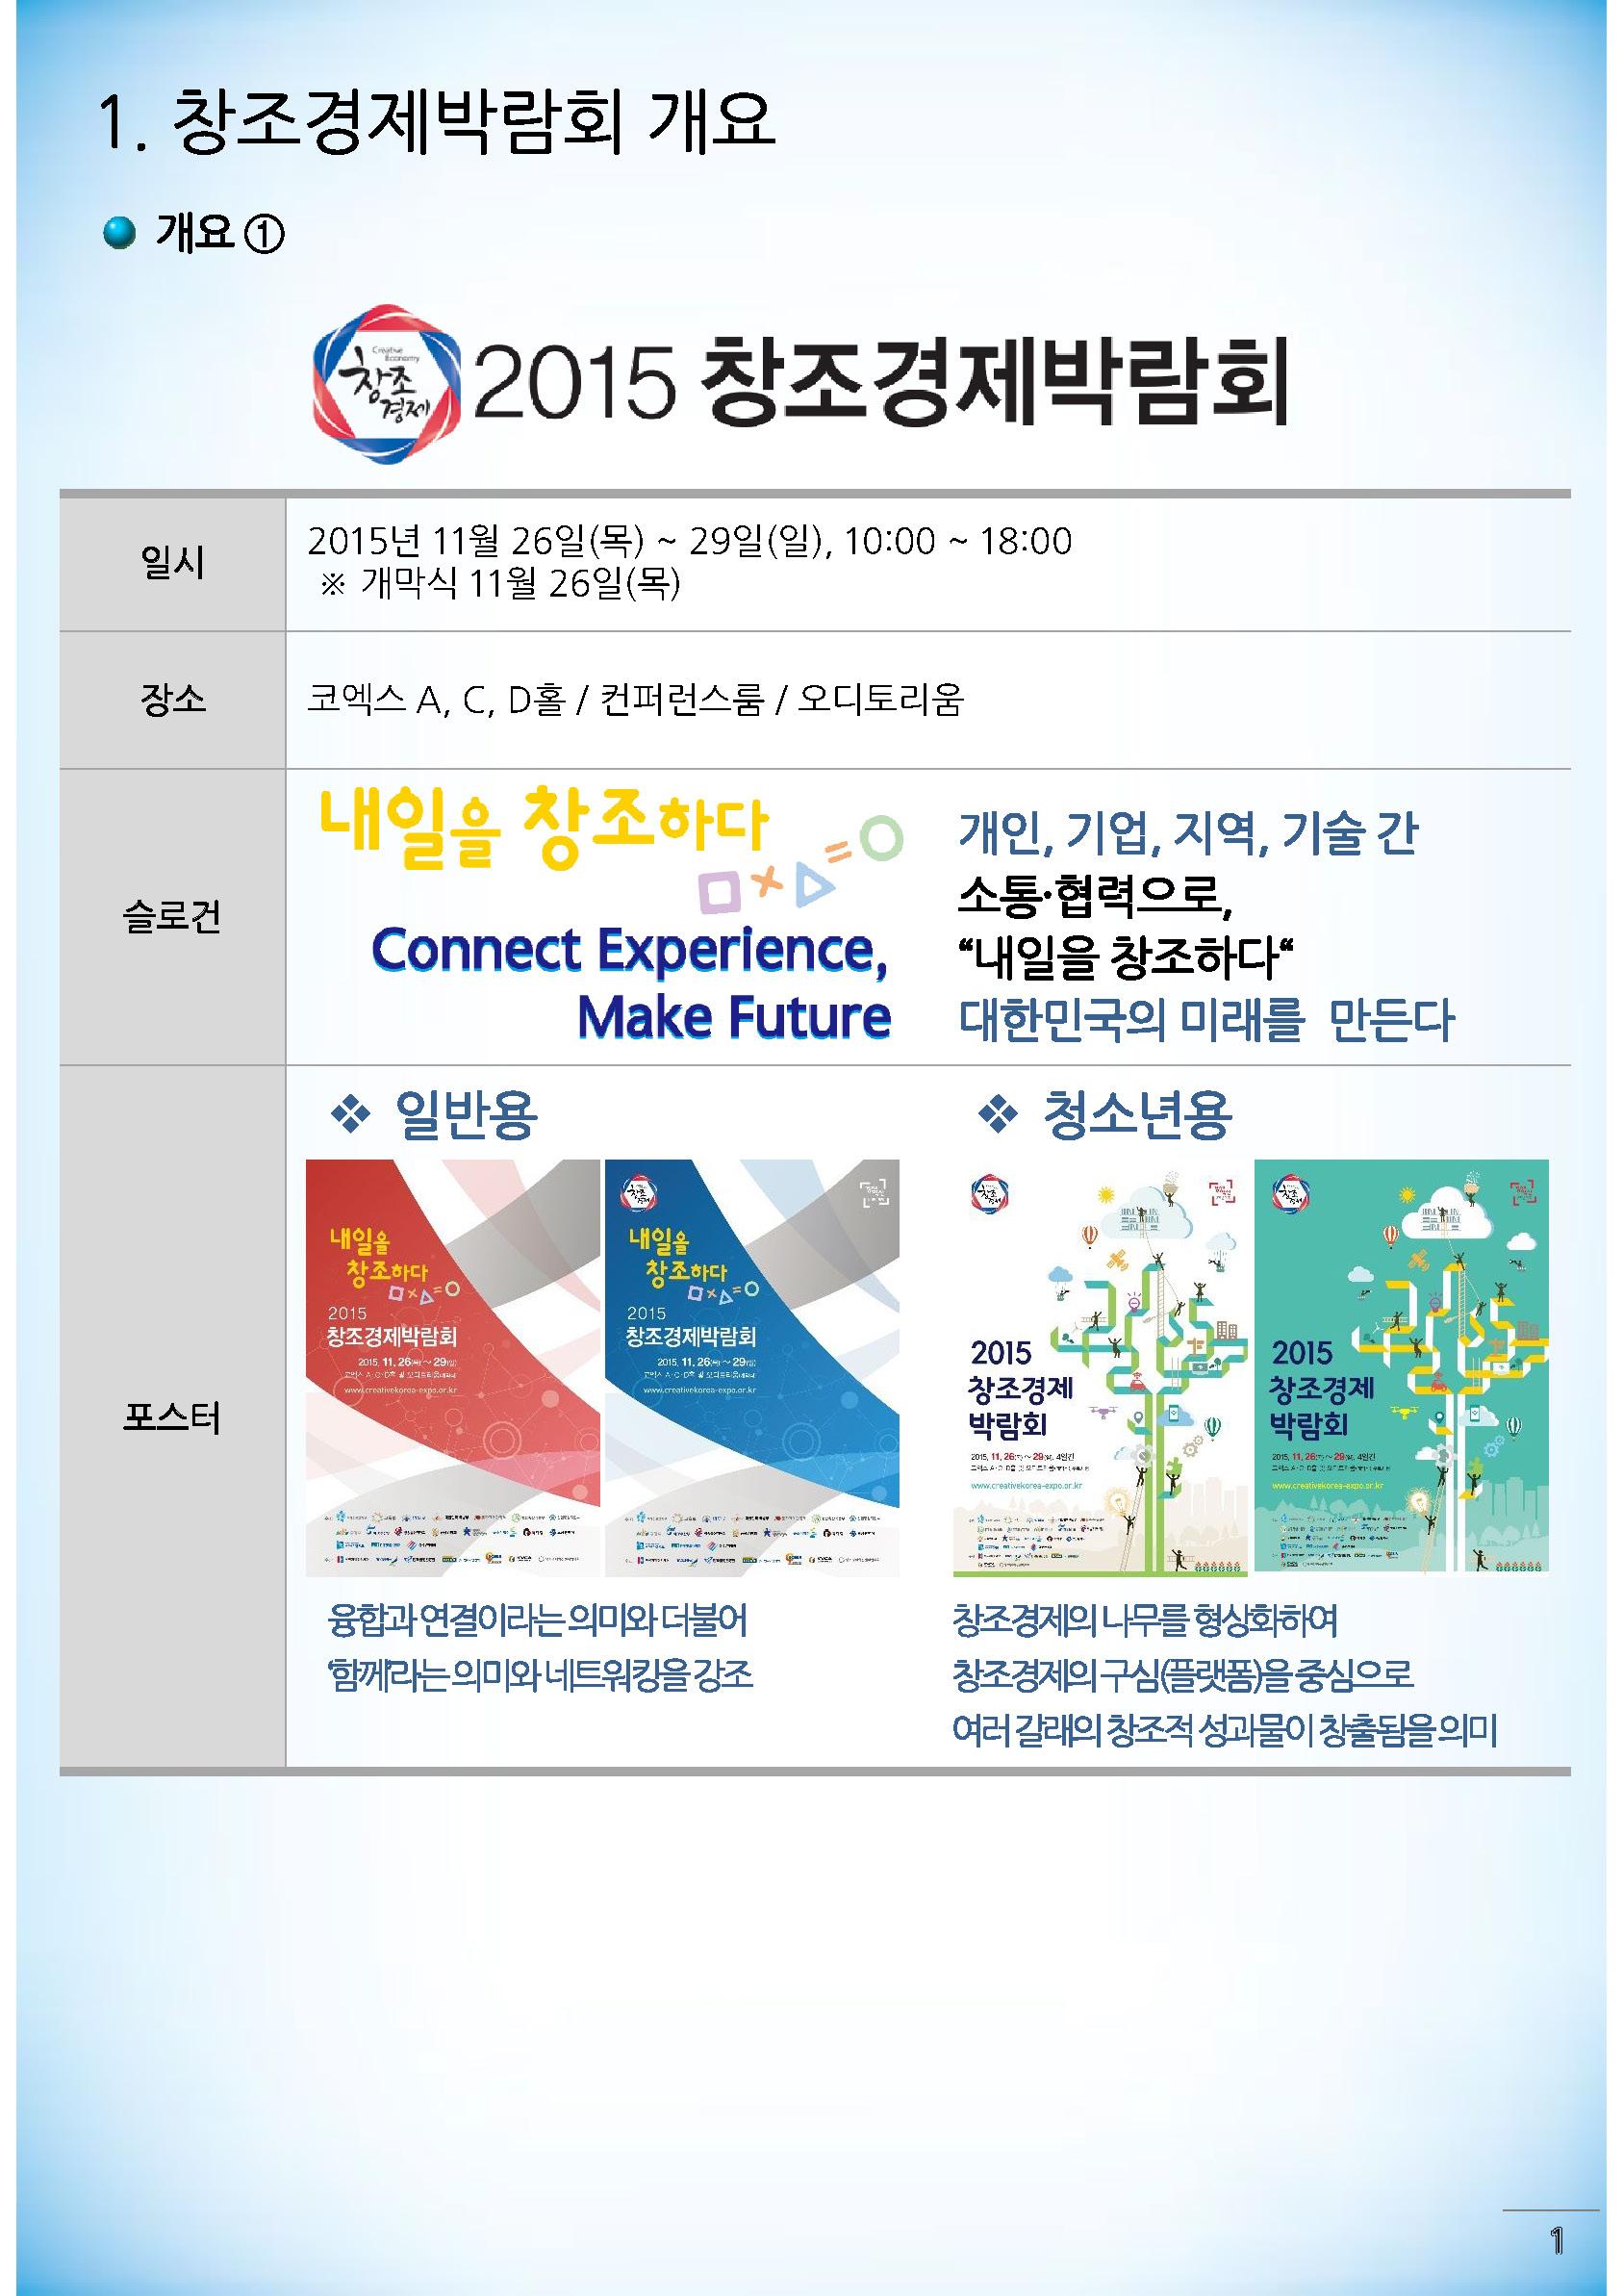 1111_지식재산대전_홈페이지_2015 창조경제박람회_Page_2.jpg